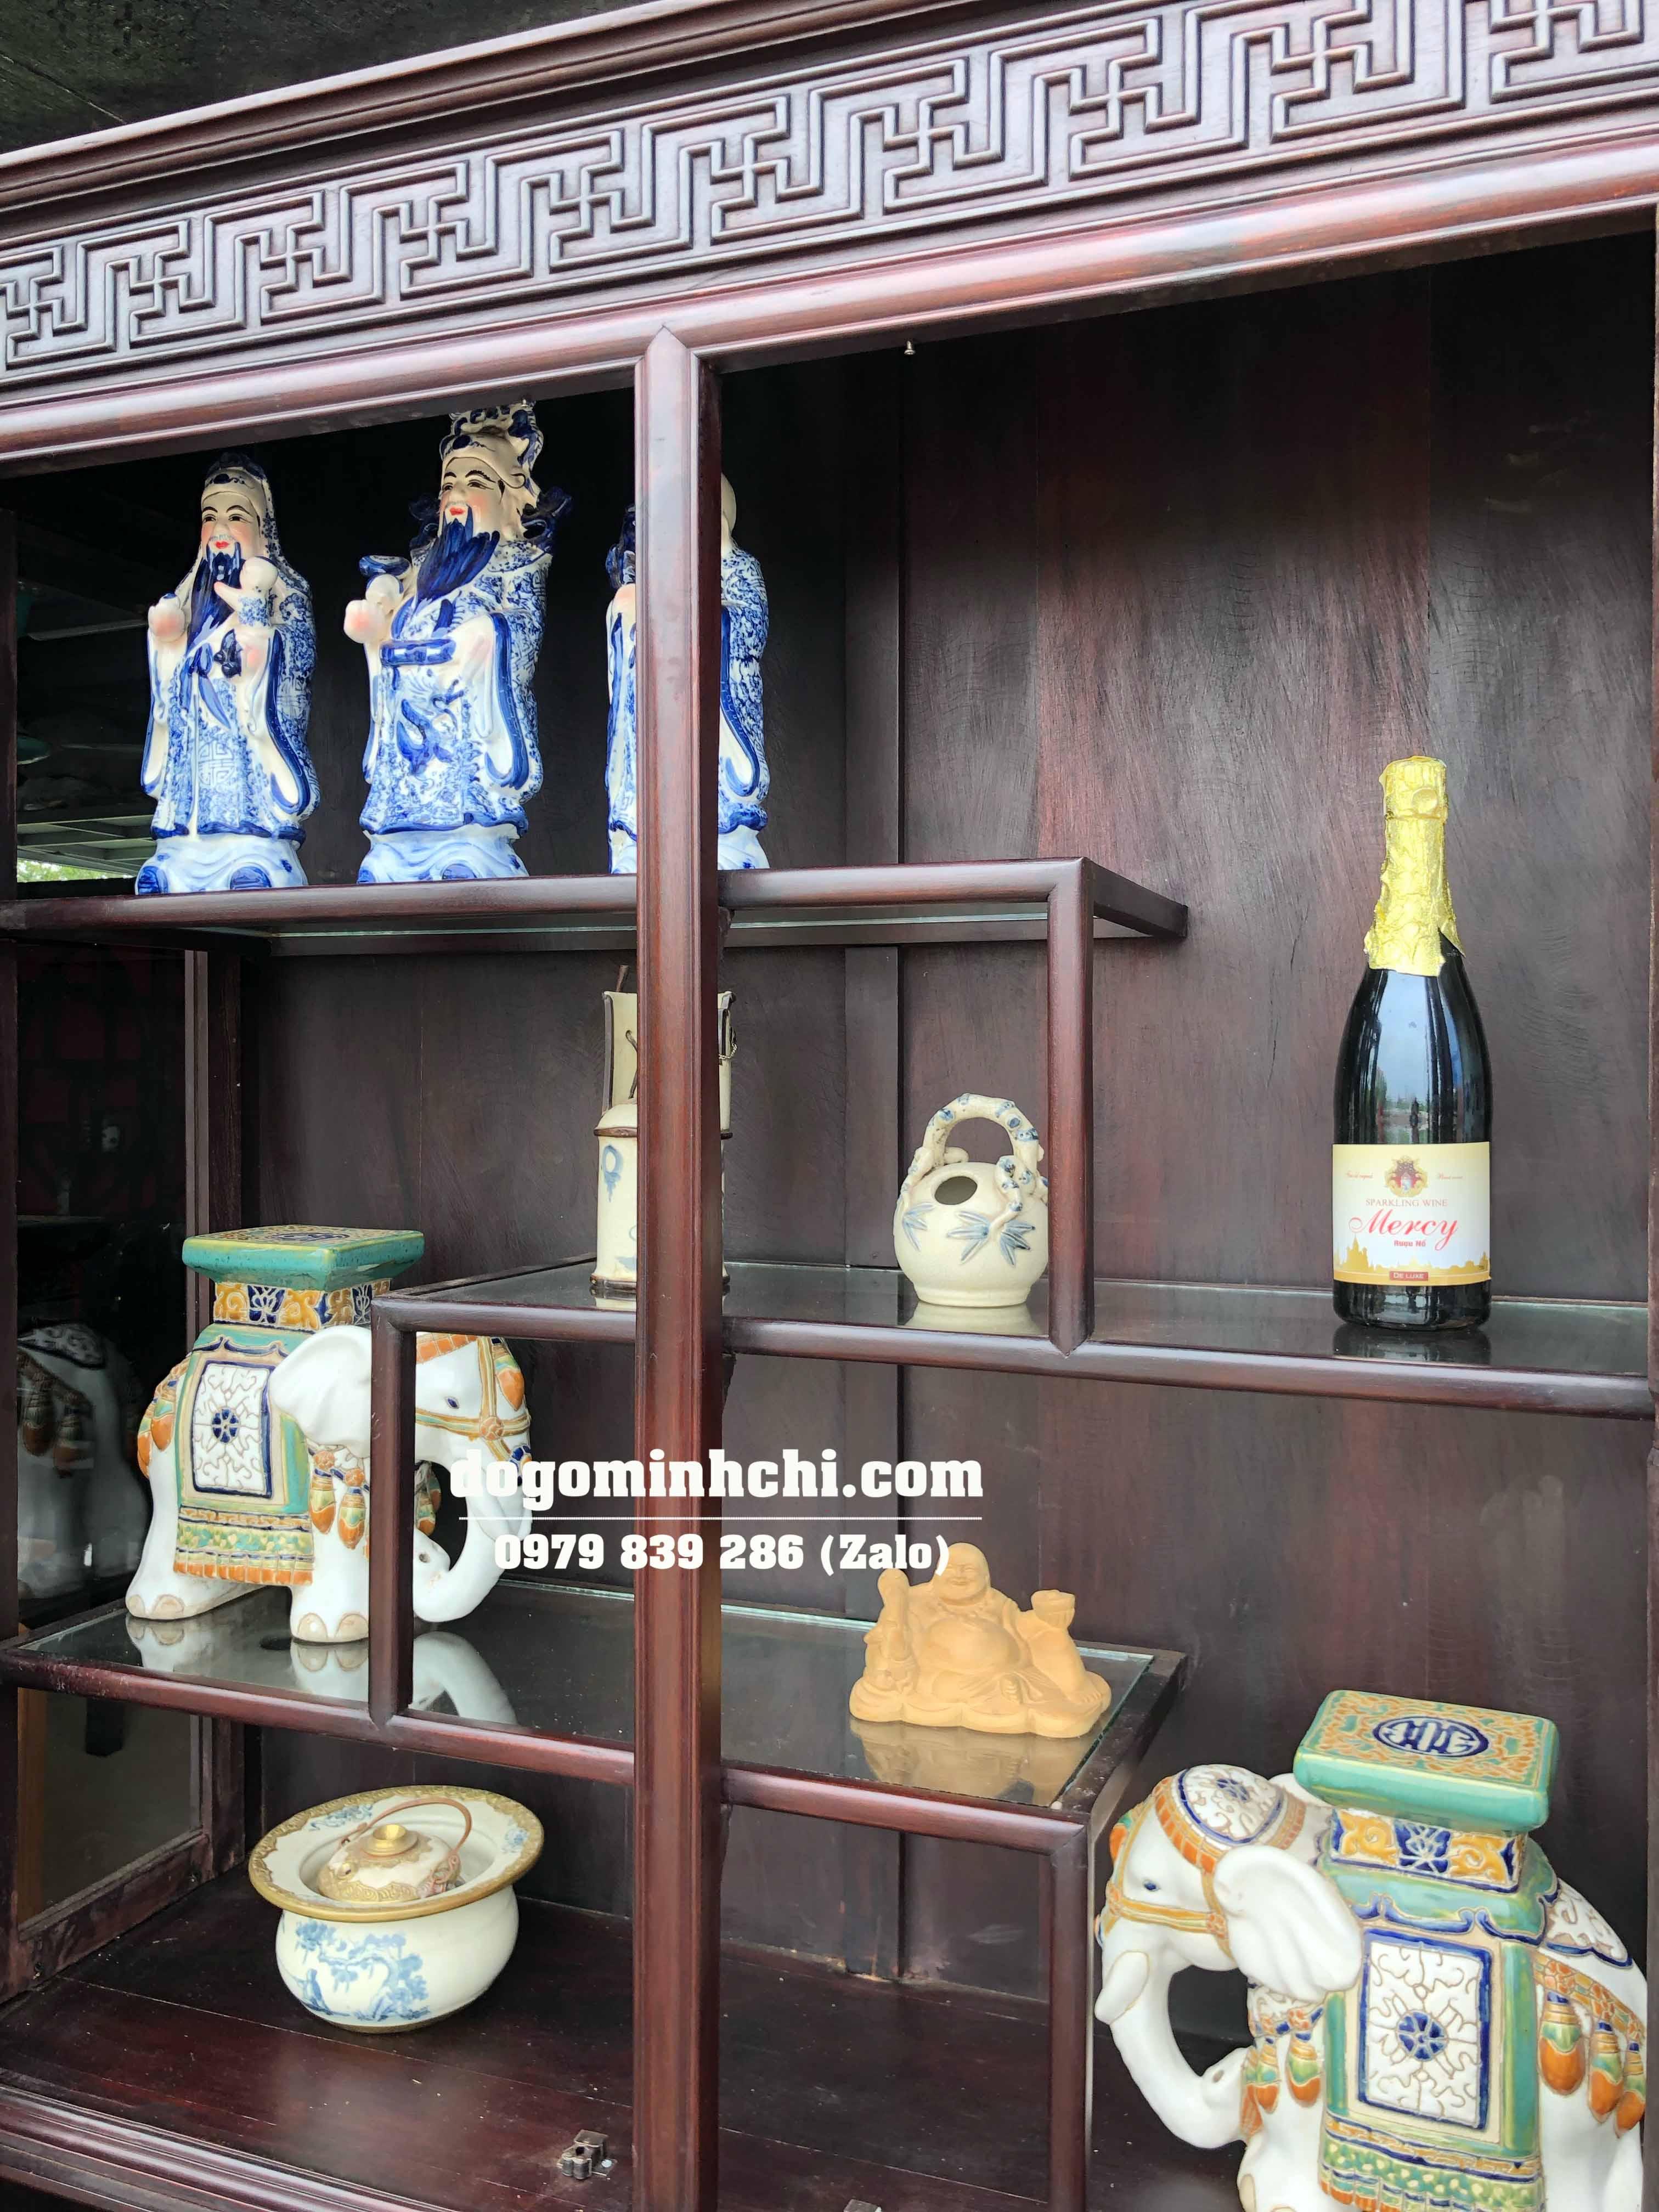 Tủ Trưng Bày Đồ Cổ - Bày Rượu - Chạm Tùng Mai